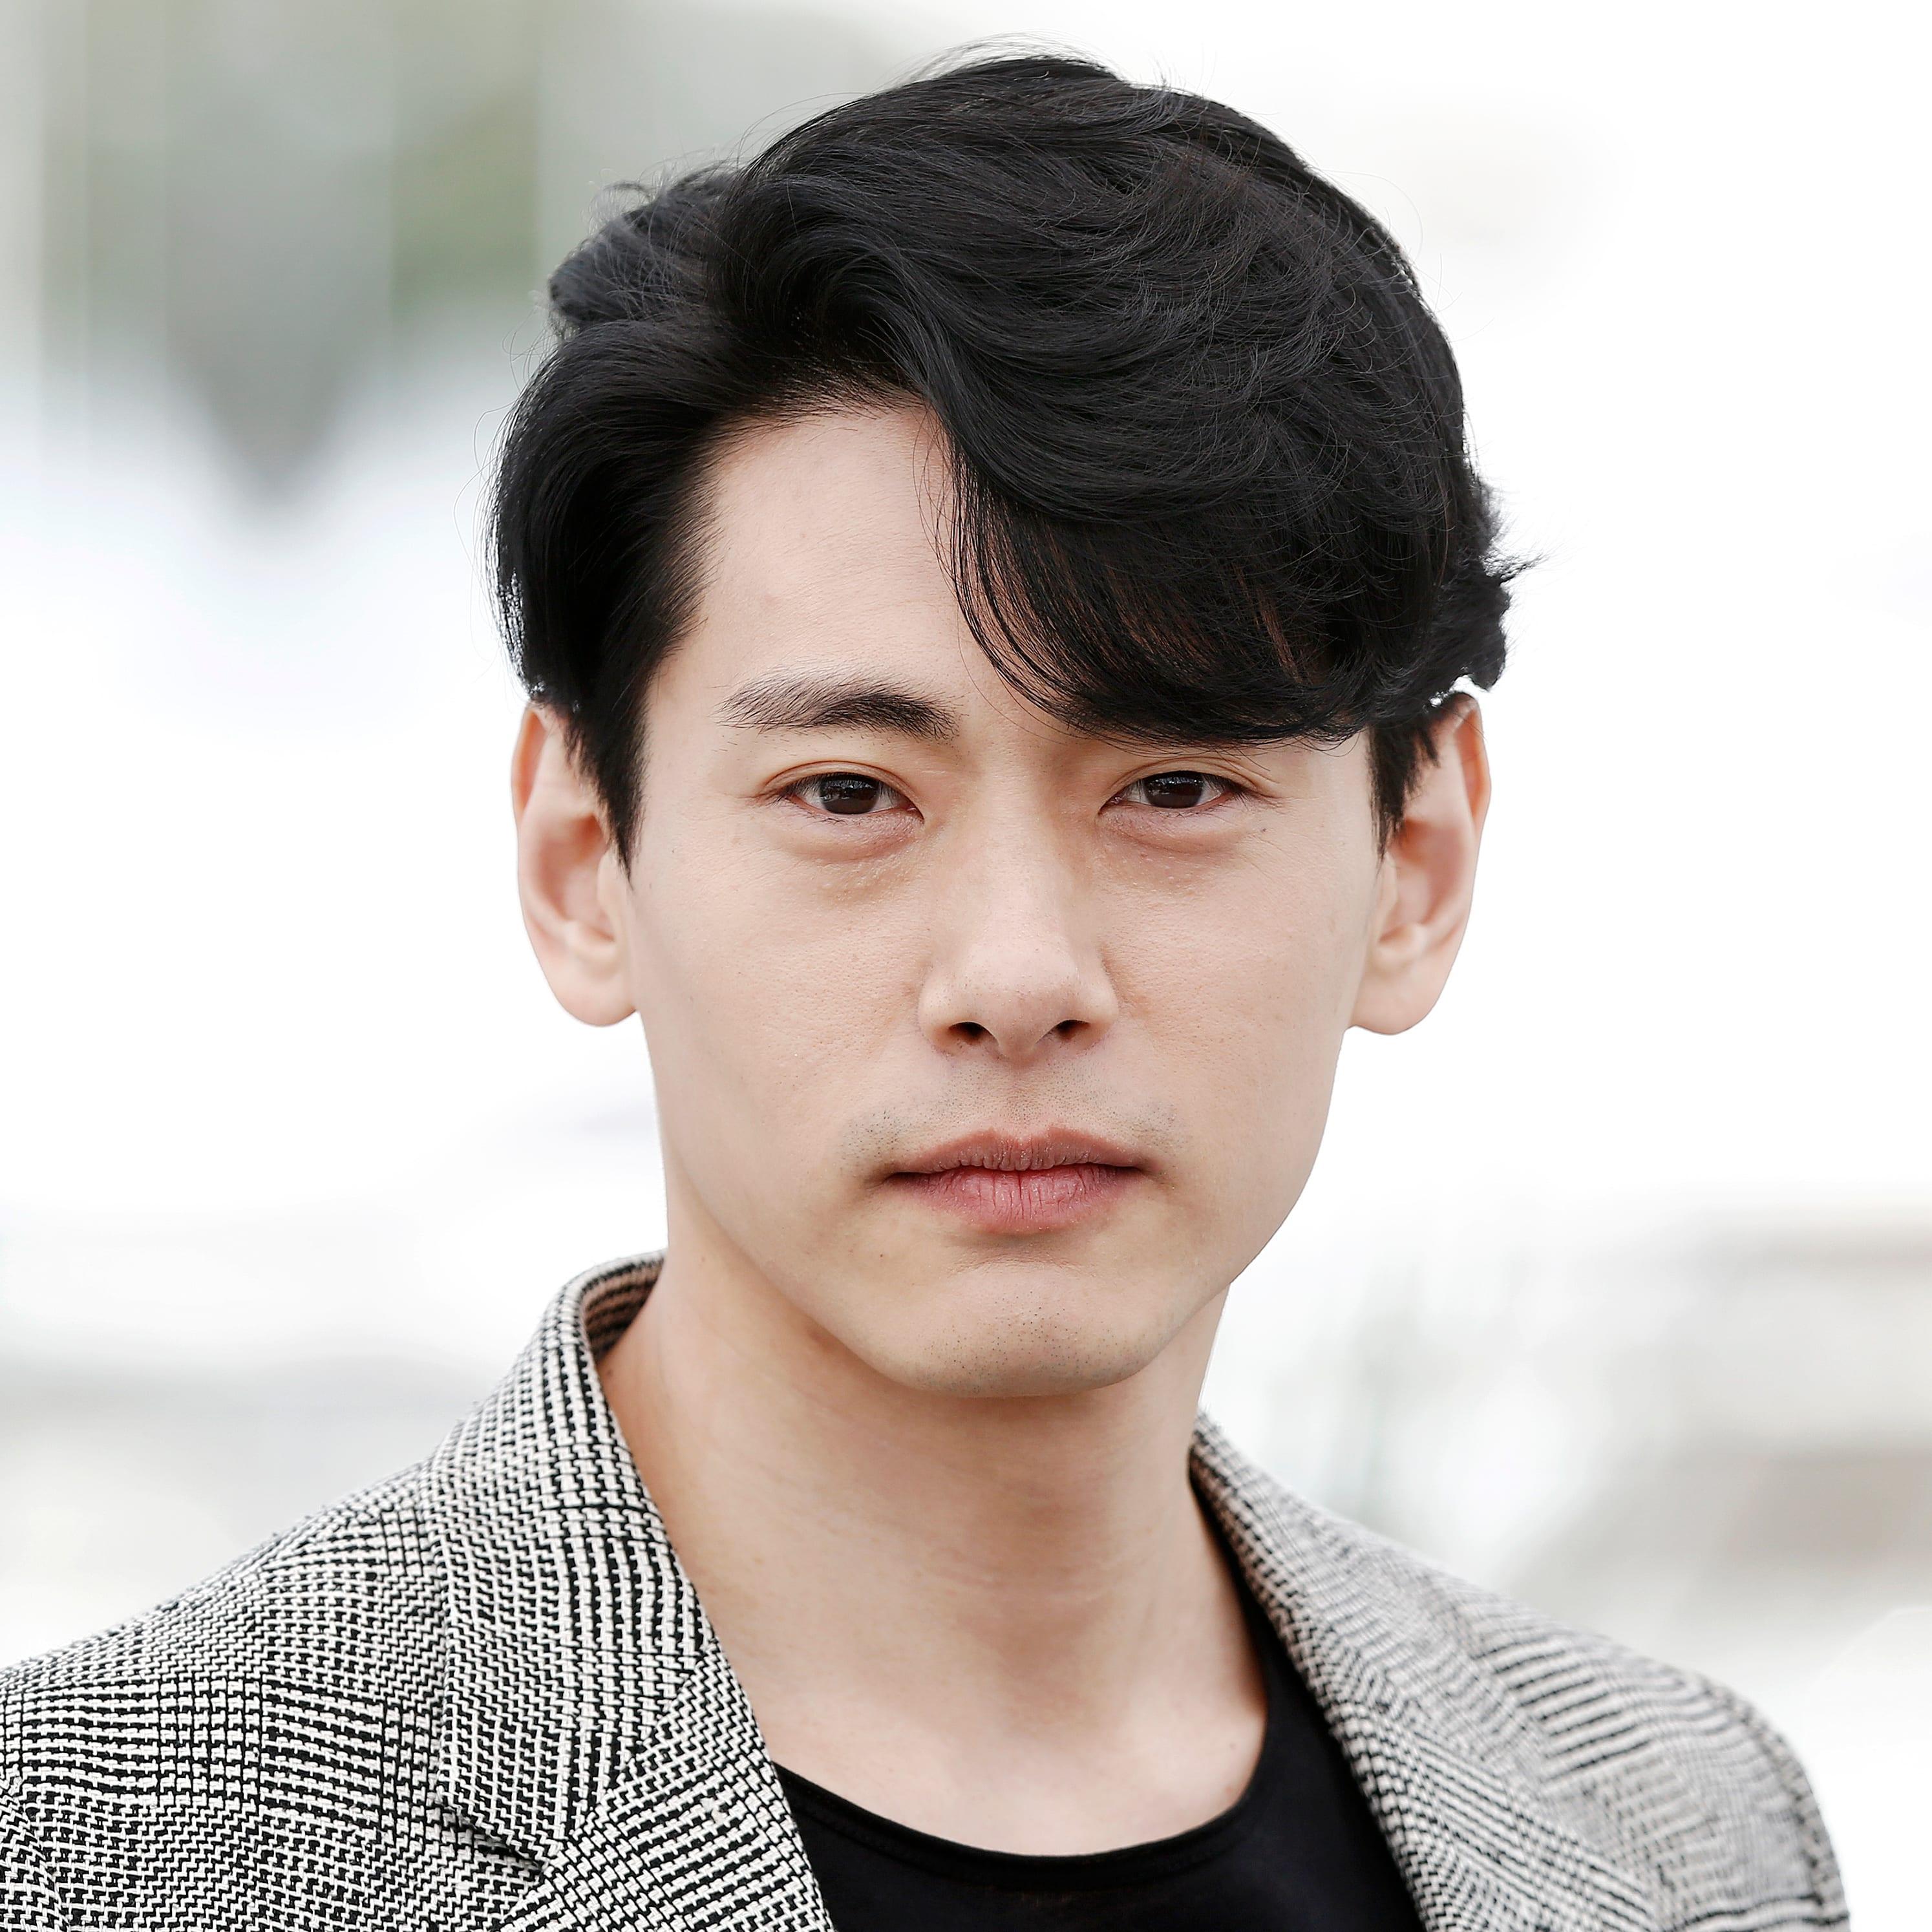 Kiểu tóc uốn mái đặc biệt của nam Hàn Quốc